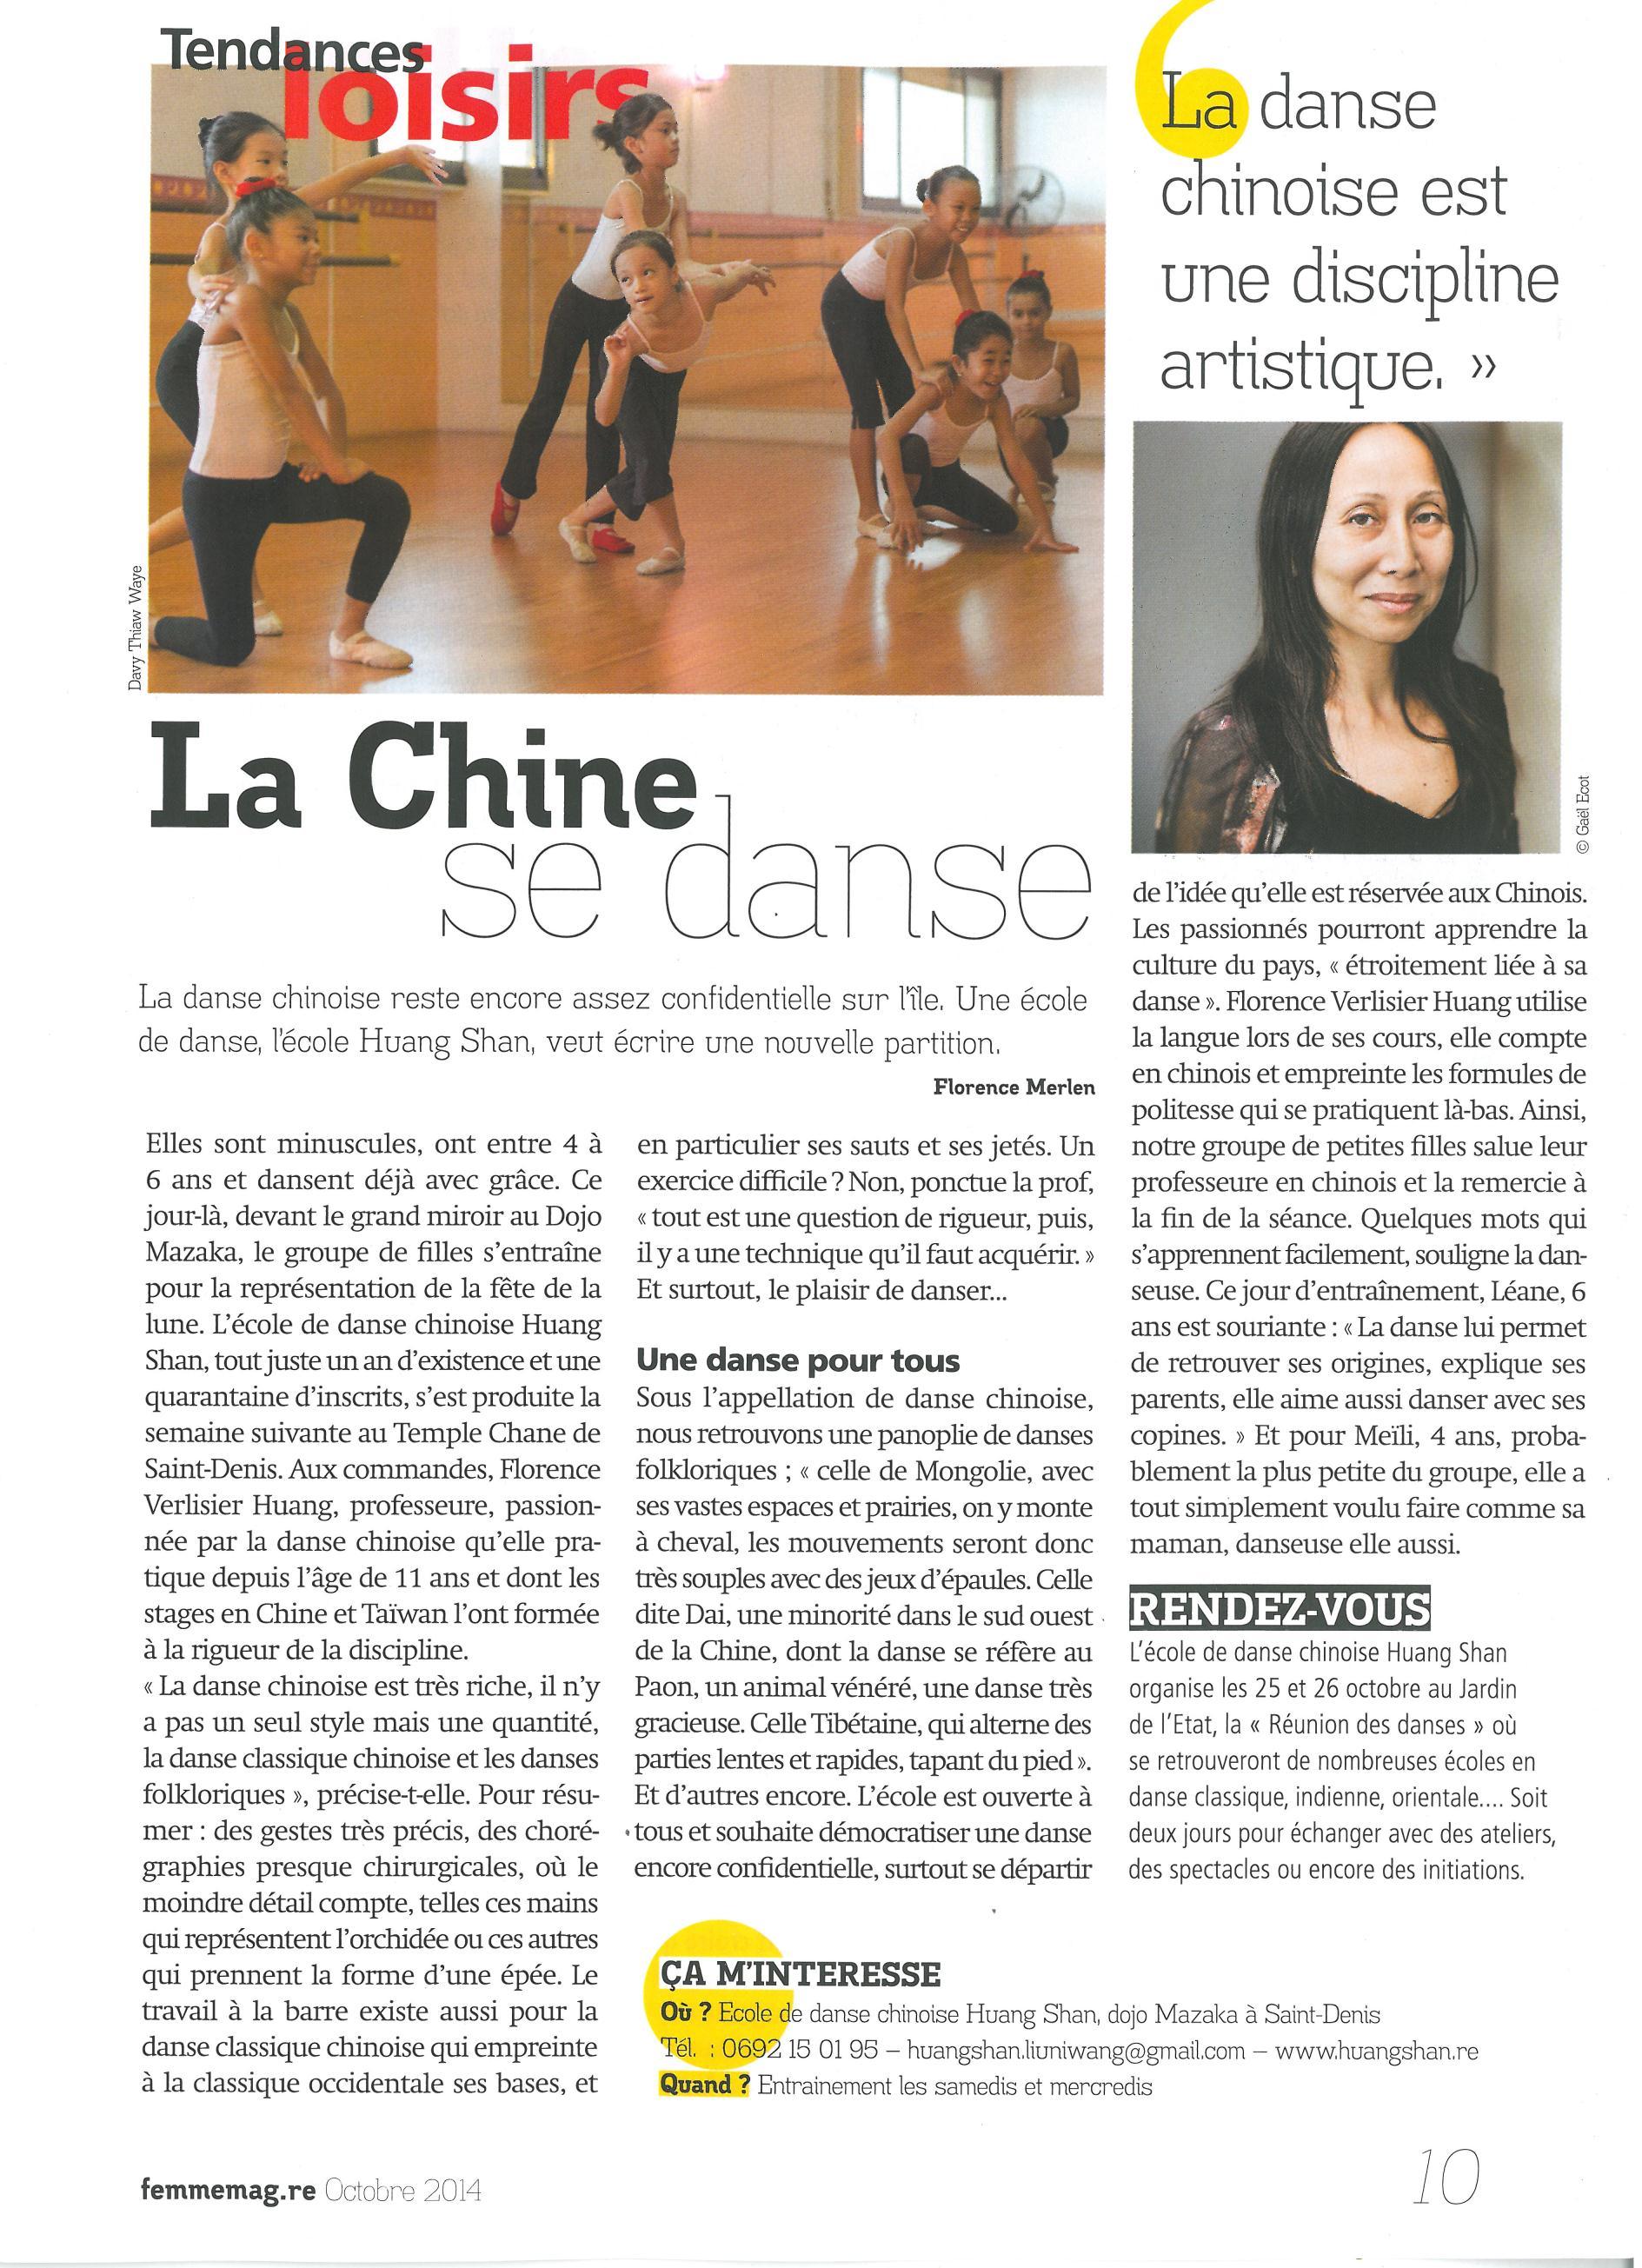 Femme magazine 2 10 2014